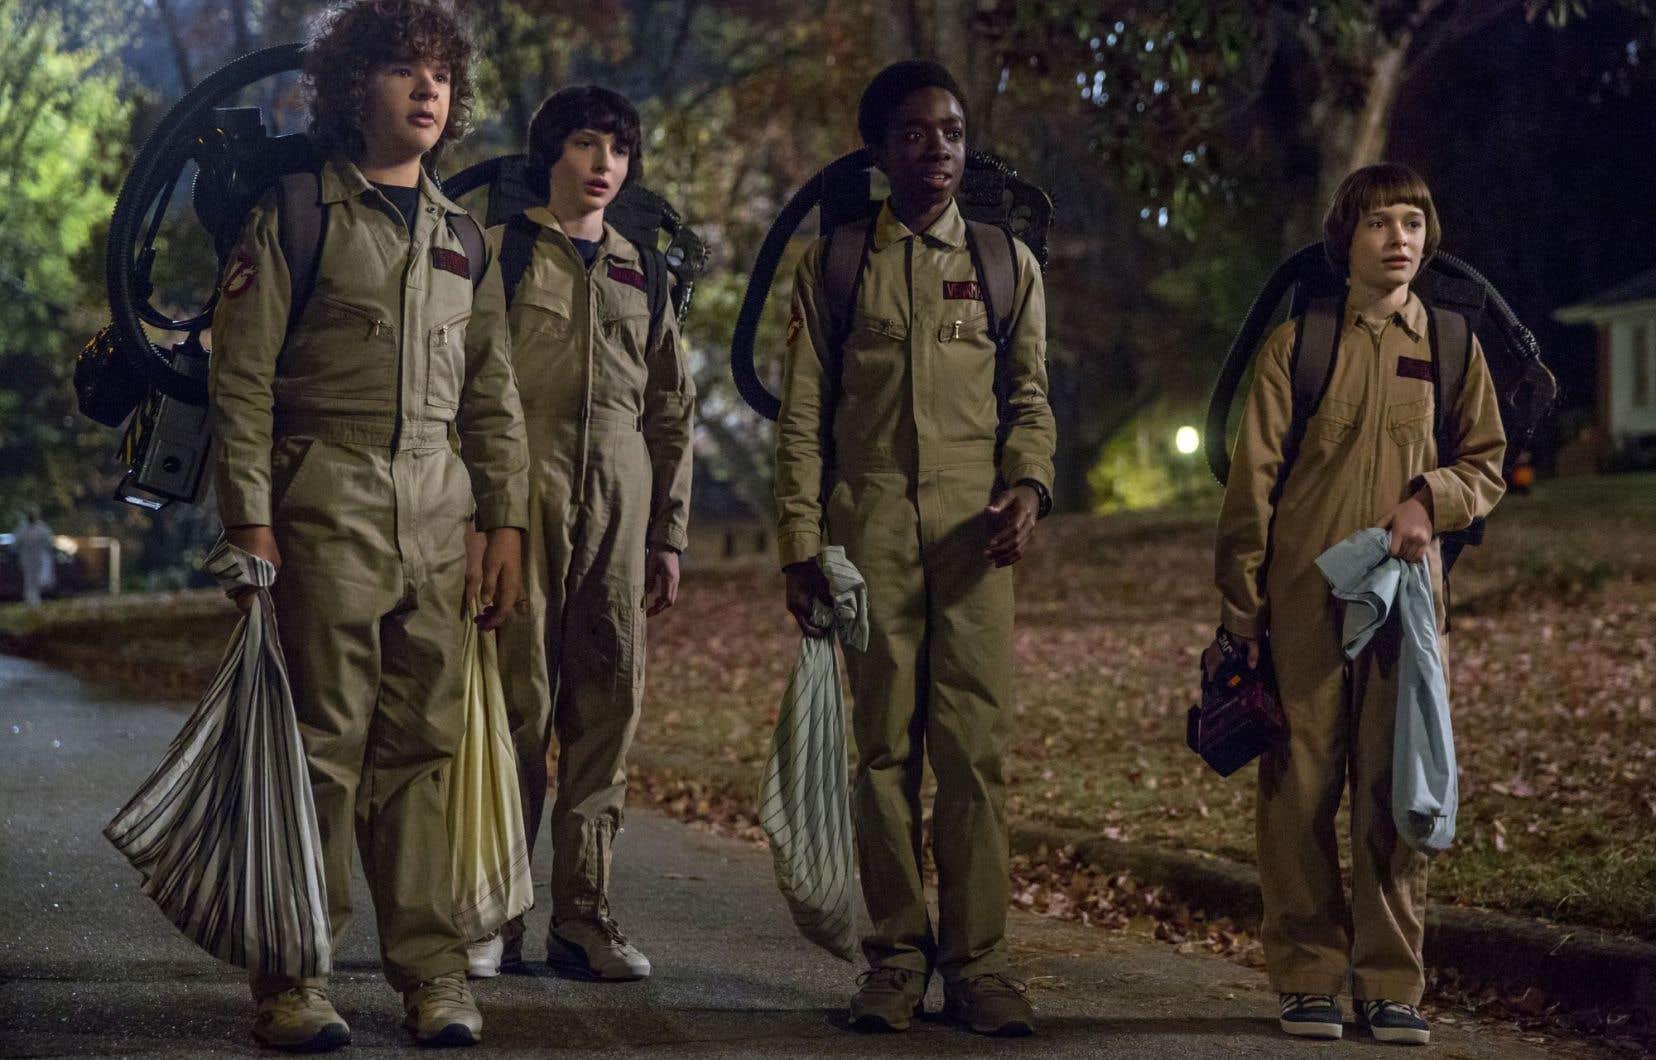 Le populaire service de diffusion Netflix lancera le 27 octobre la deuxième saison de la série «Stranger Things».